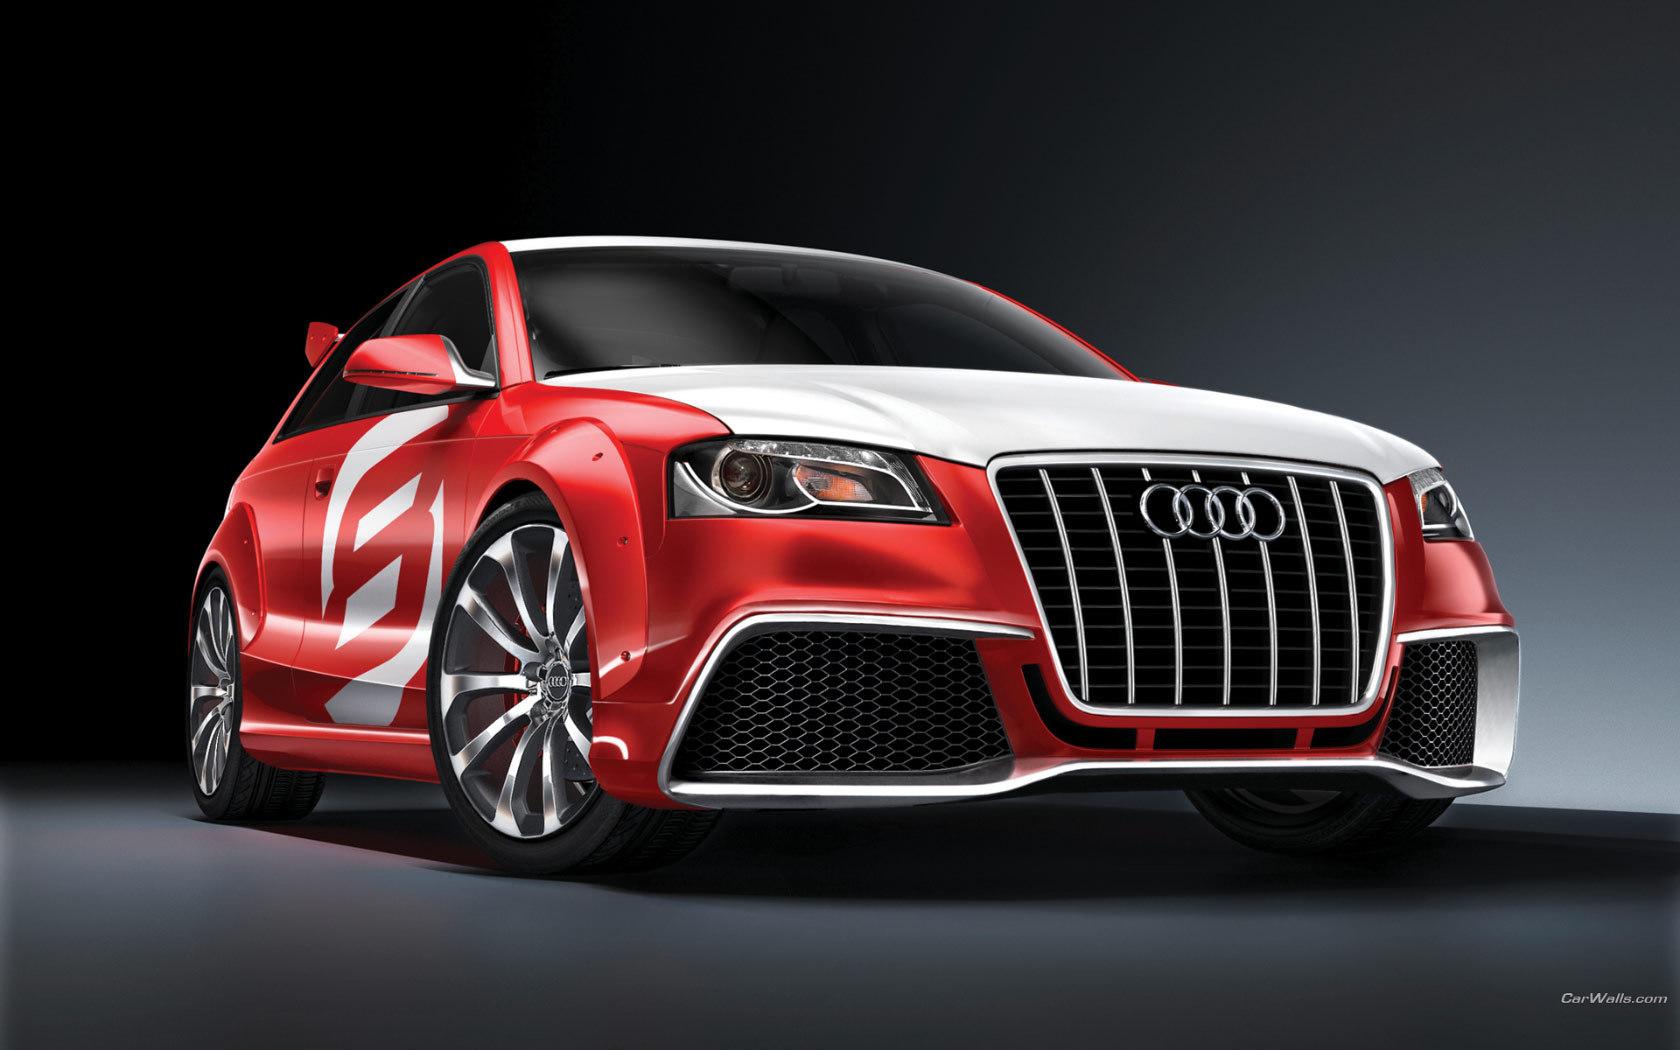 6810 скачать обои Транспорт, Машины, Ауди (Audi) - заставки и картинки бесплатно